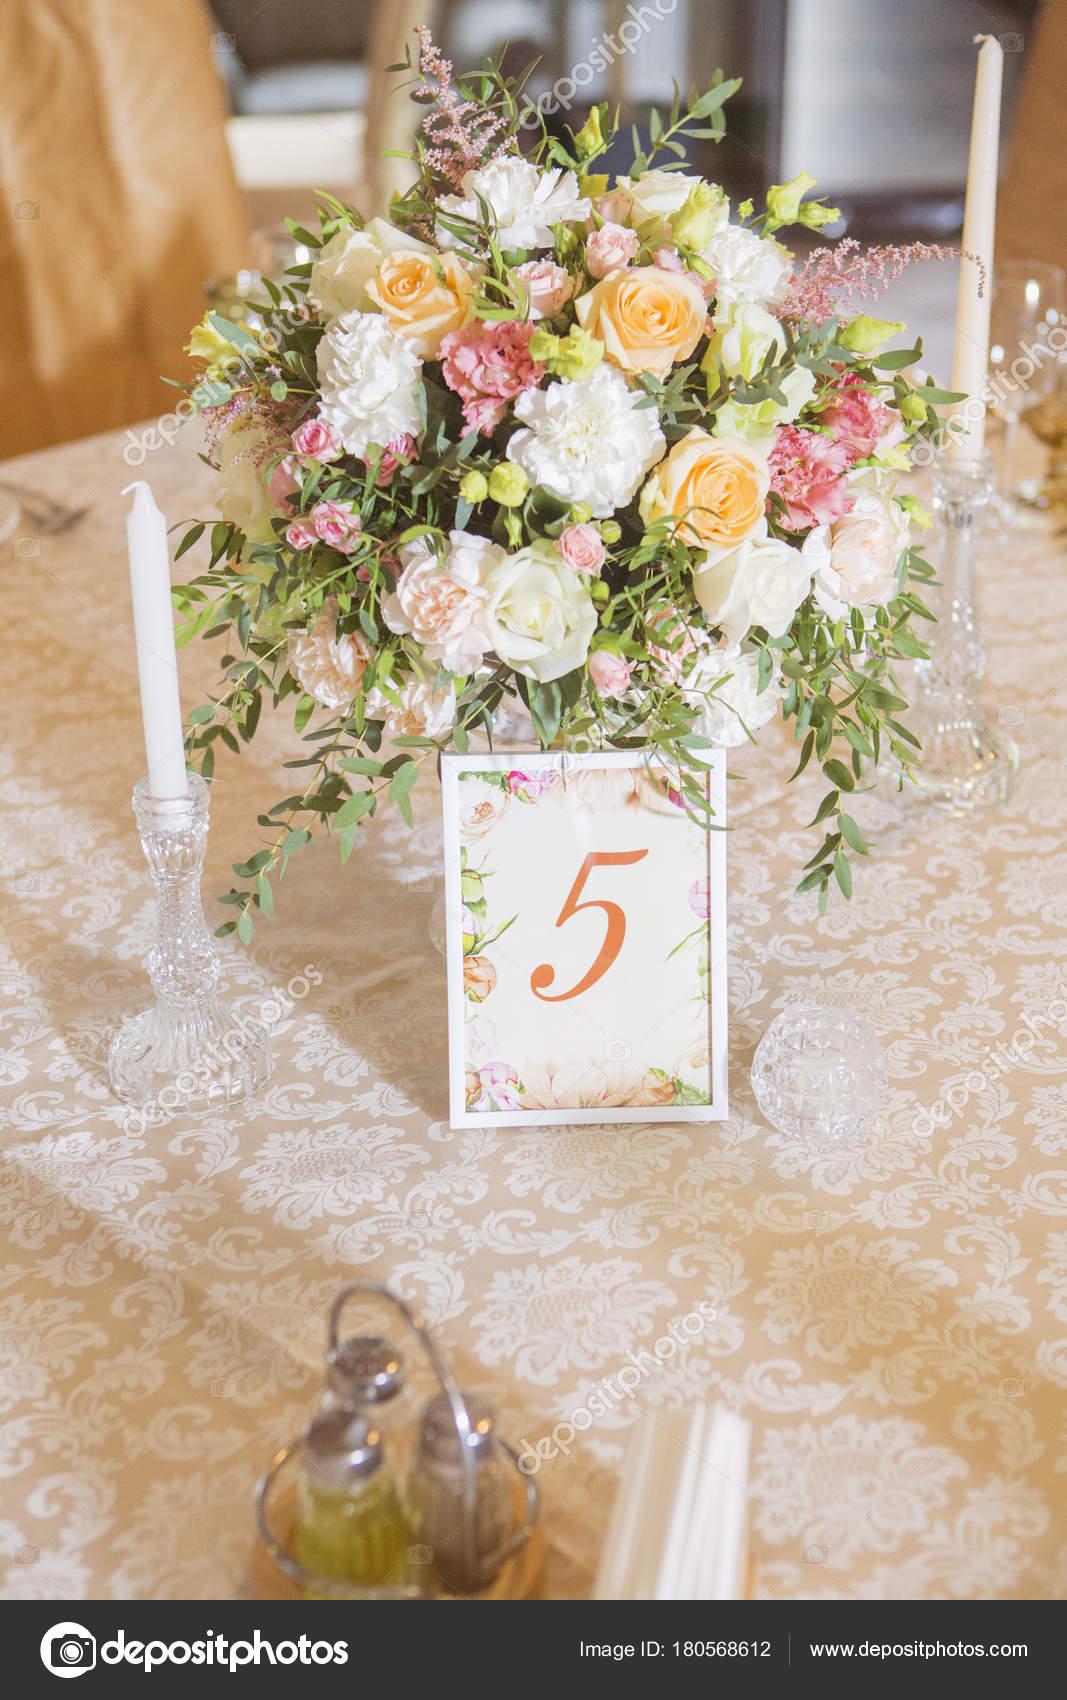 Hochzeit Tischdekoration Rose Und Eustoma Blumen Kerzen Ein